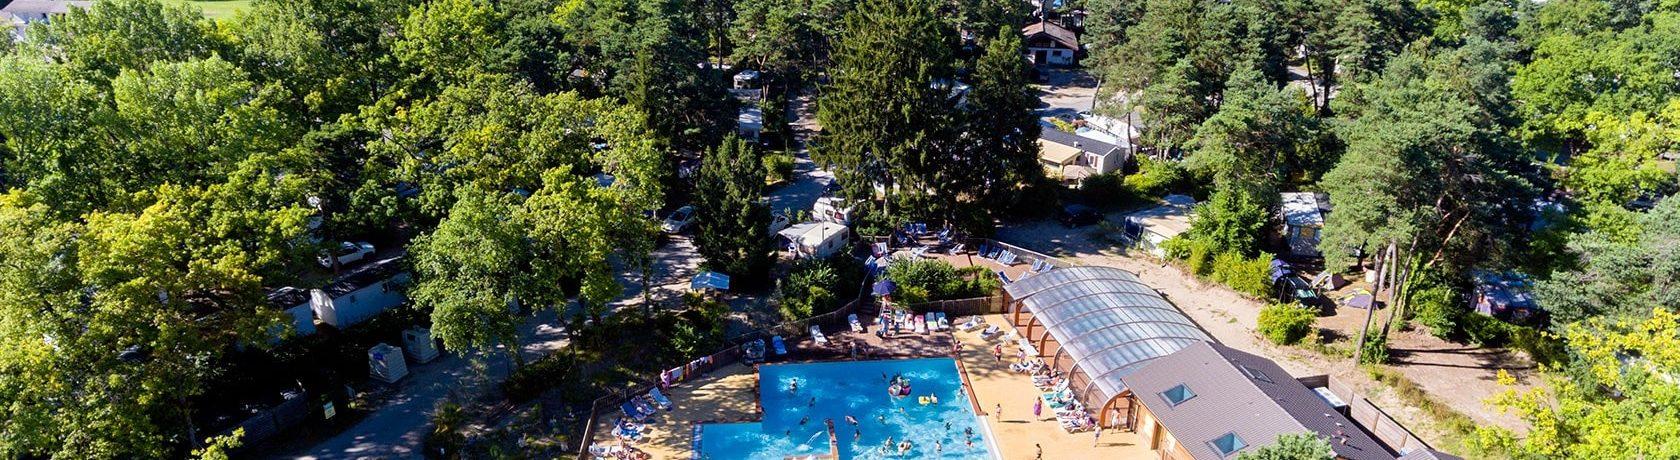 Camping La Pinède - Excenevex is mooi gelegen aan het meer van Genève,dicht bij Zwitserland aan de voet van de Alpen.